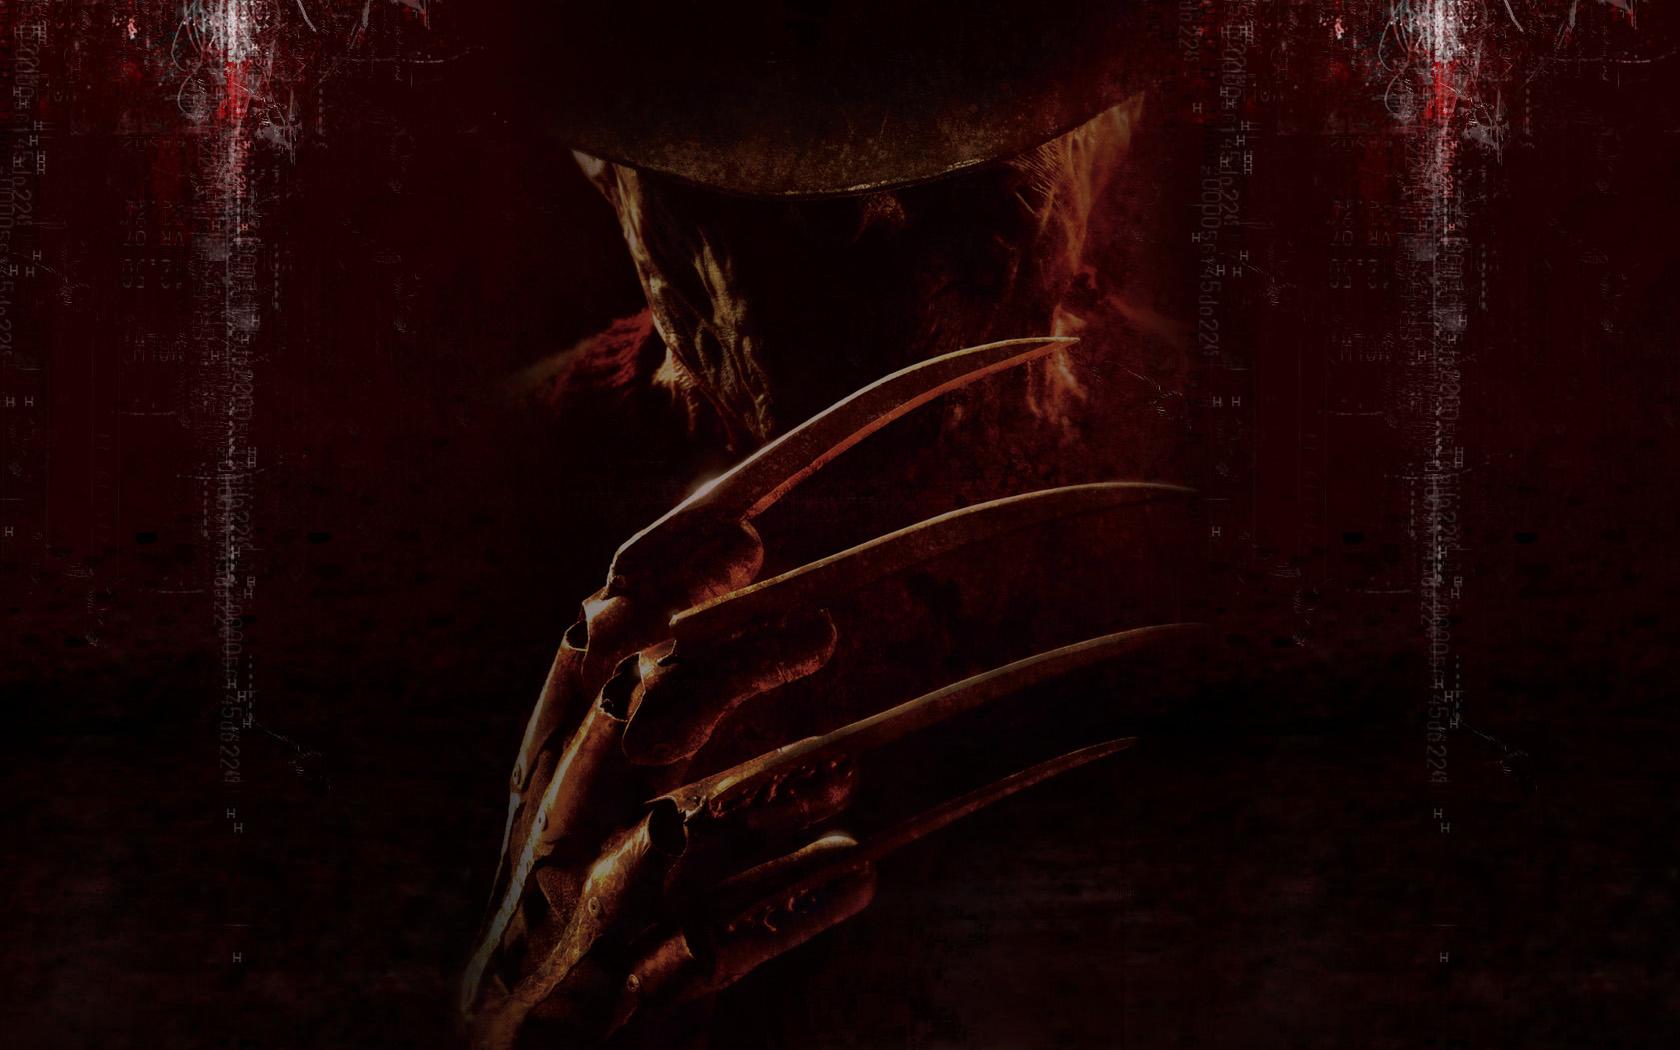 Freddy Krueger 6744 1600x1200px